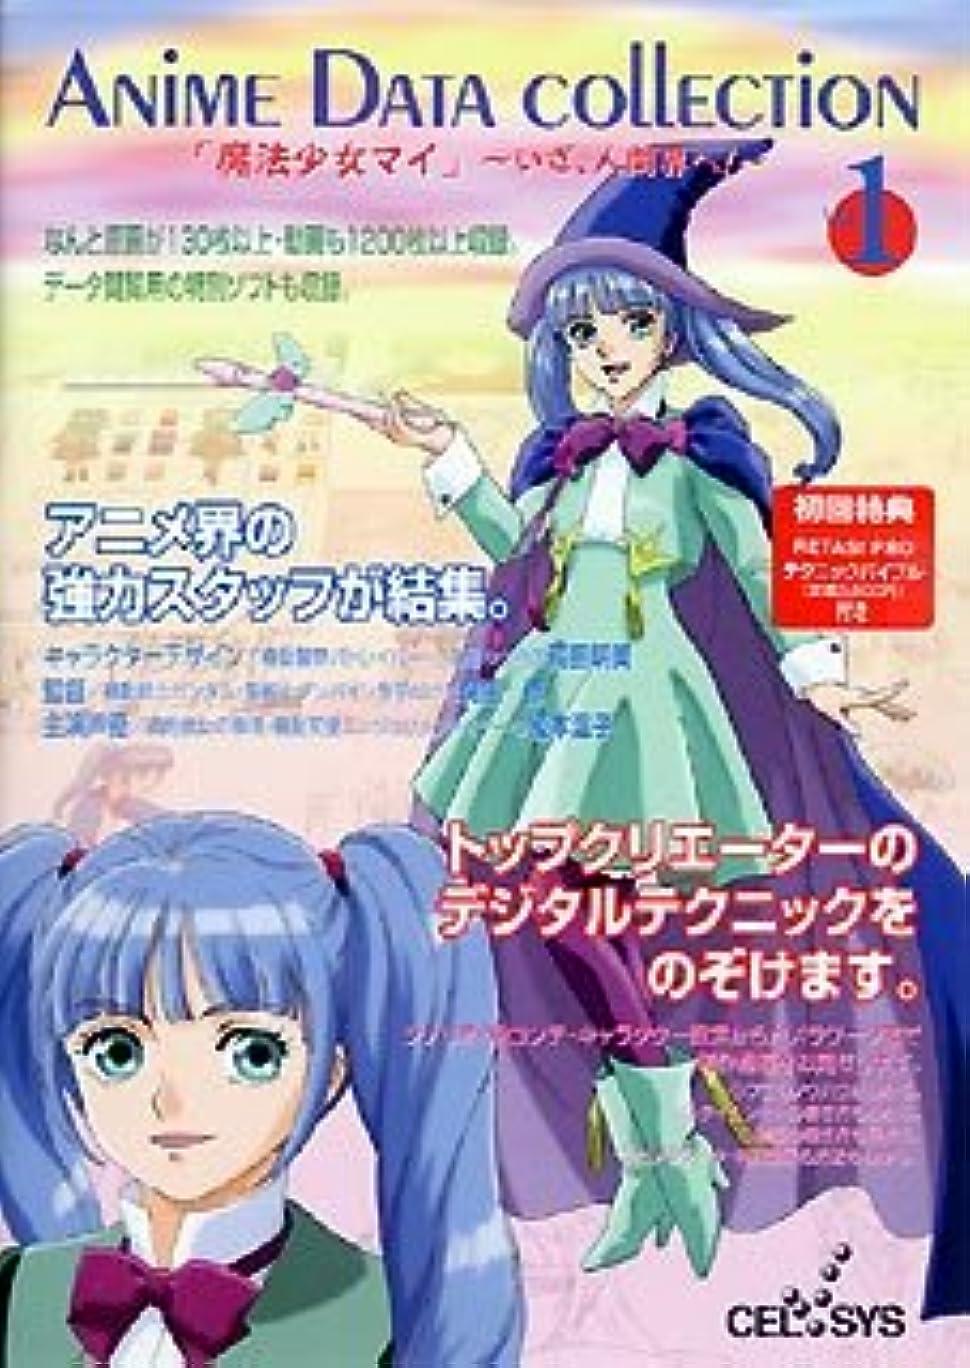 気取らない発揮する答えAnime Data collection Vol.1 「魔法少女マイ」 ~いざ、人間界へ!~